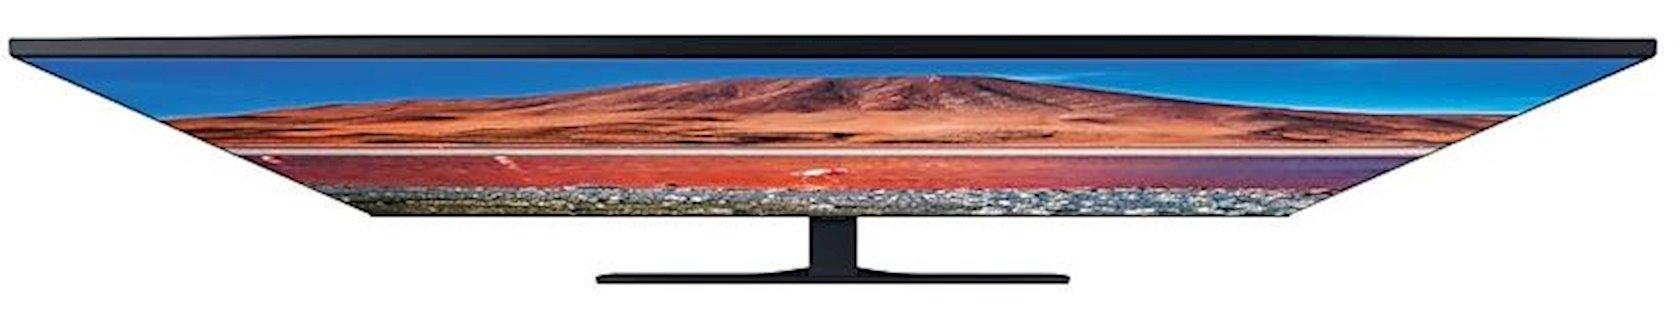 Televizor Samsung UE55TU7500UXRU